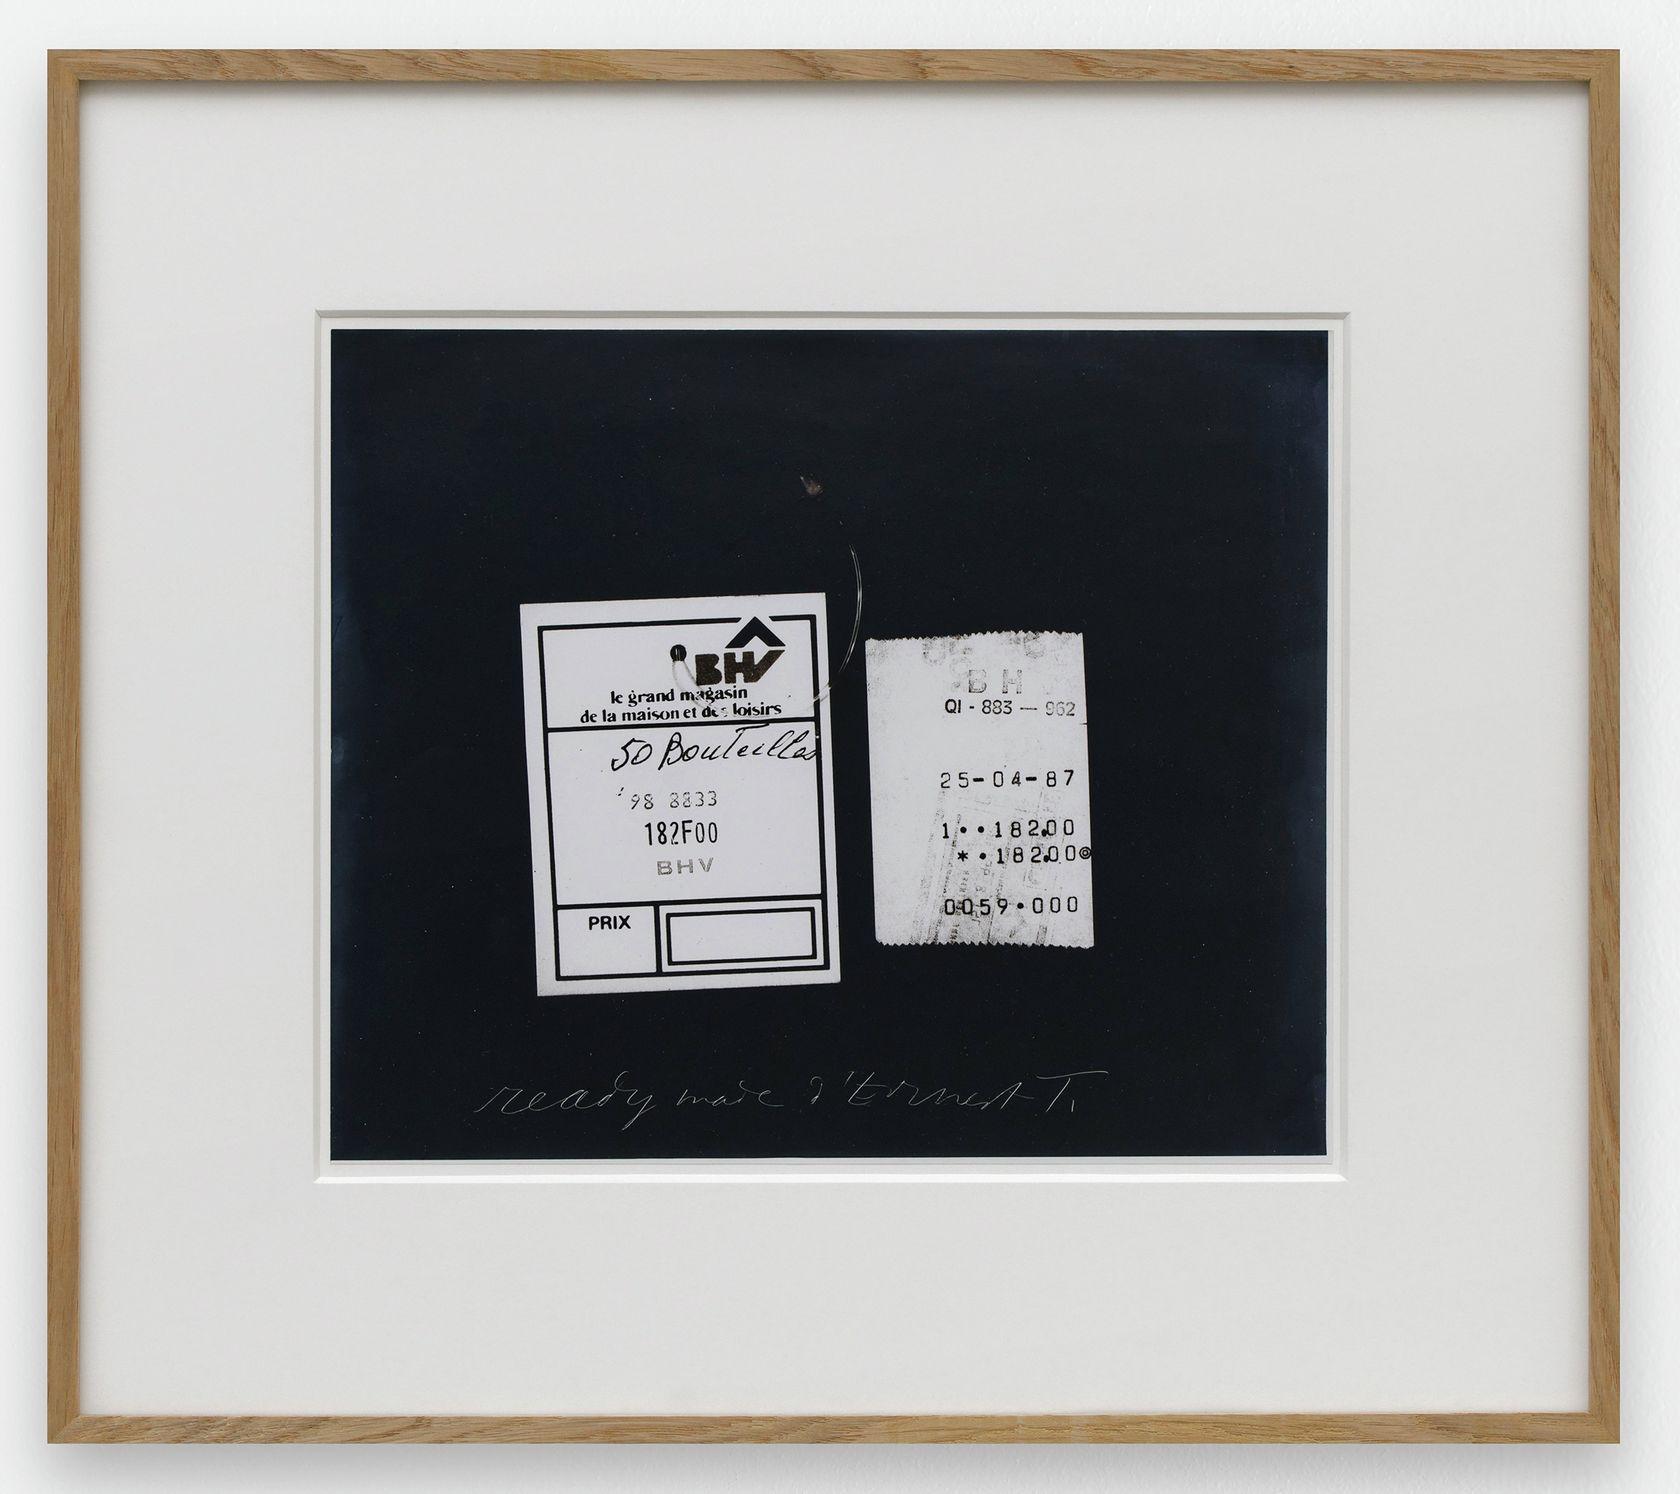 Ernest T., ready made d'Ernest T. , 1987 Tirage argentique25.5 × 30.5 cm / 10  × 12  in. | 42.4 × 47.8 × 3 cm / 16 6/8 × 18 7/8 × 1 1/8 in. (encadré/framed)